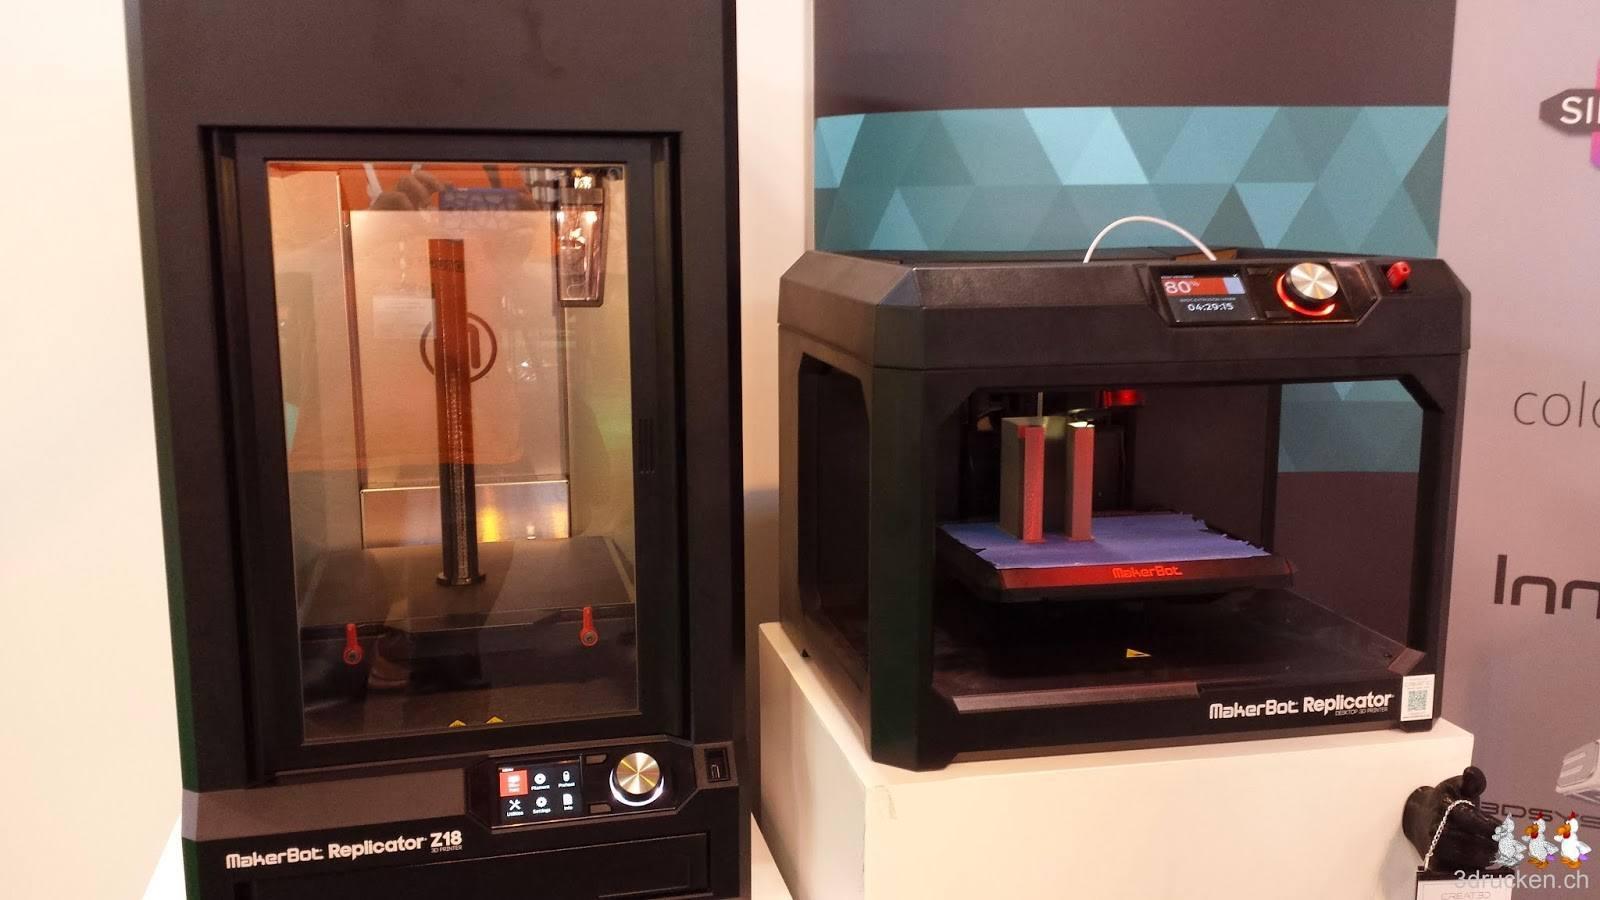 Foto von zwei Makerbot Replikator 3D-Druckern